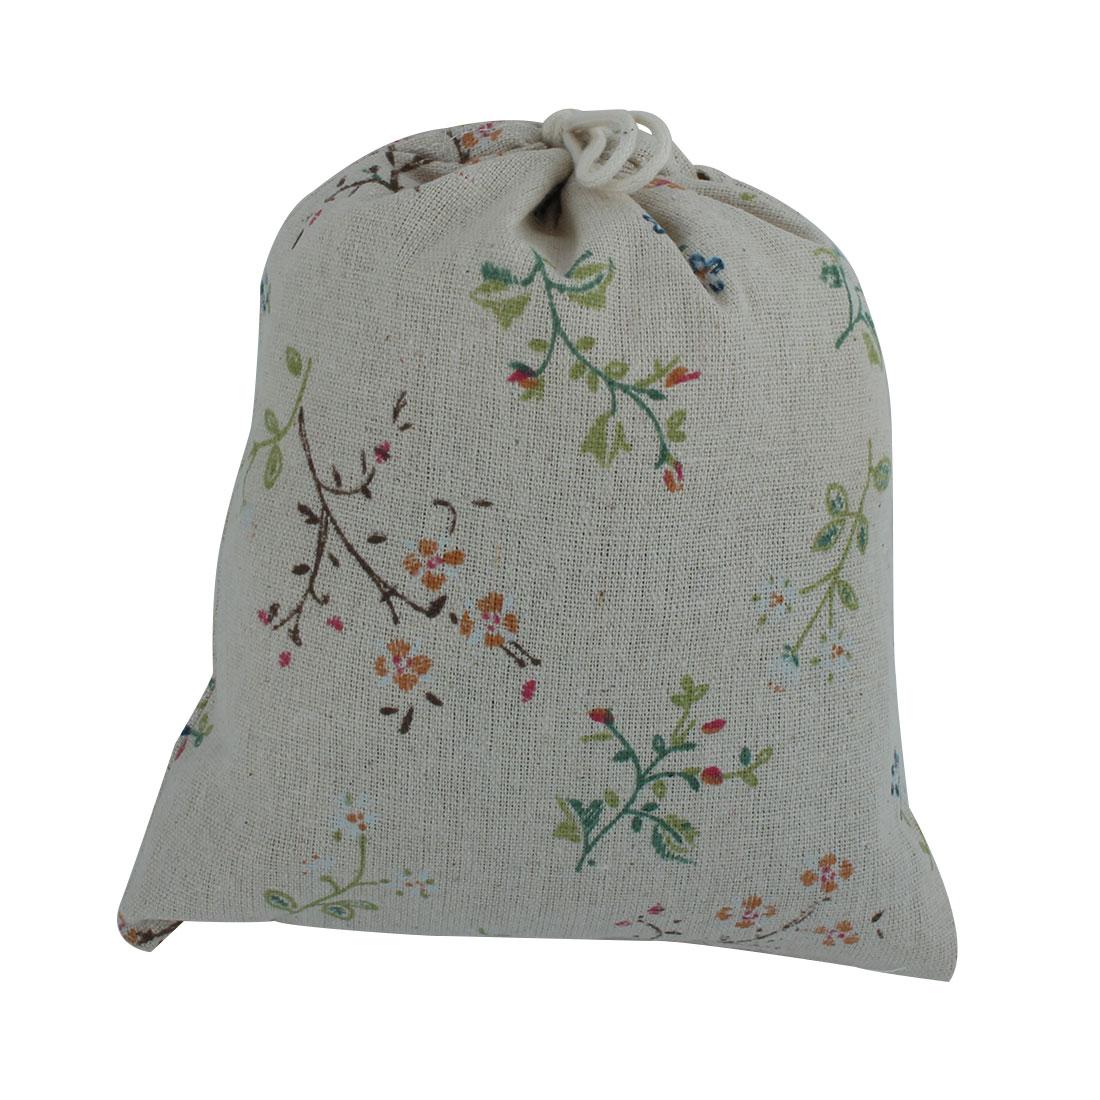 Travel Cotton Linen Leaf Print Drawstring Dust Resistant Pouch Storage Bag Khaki